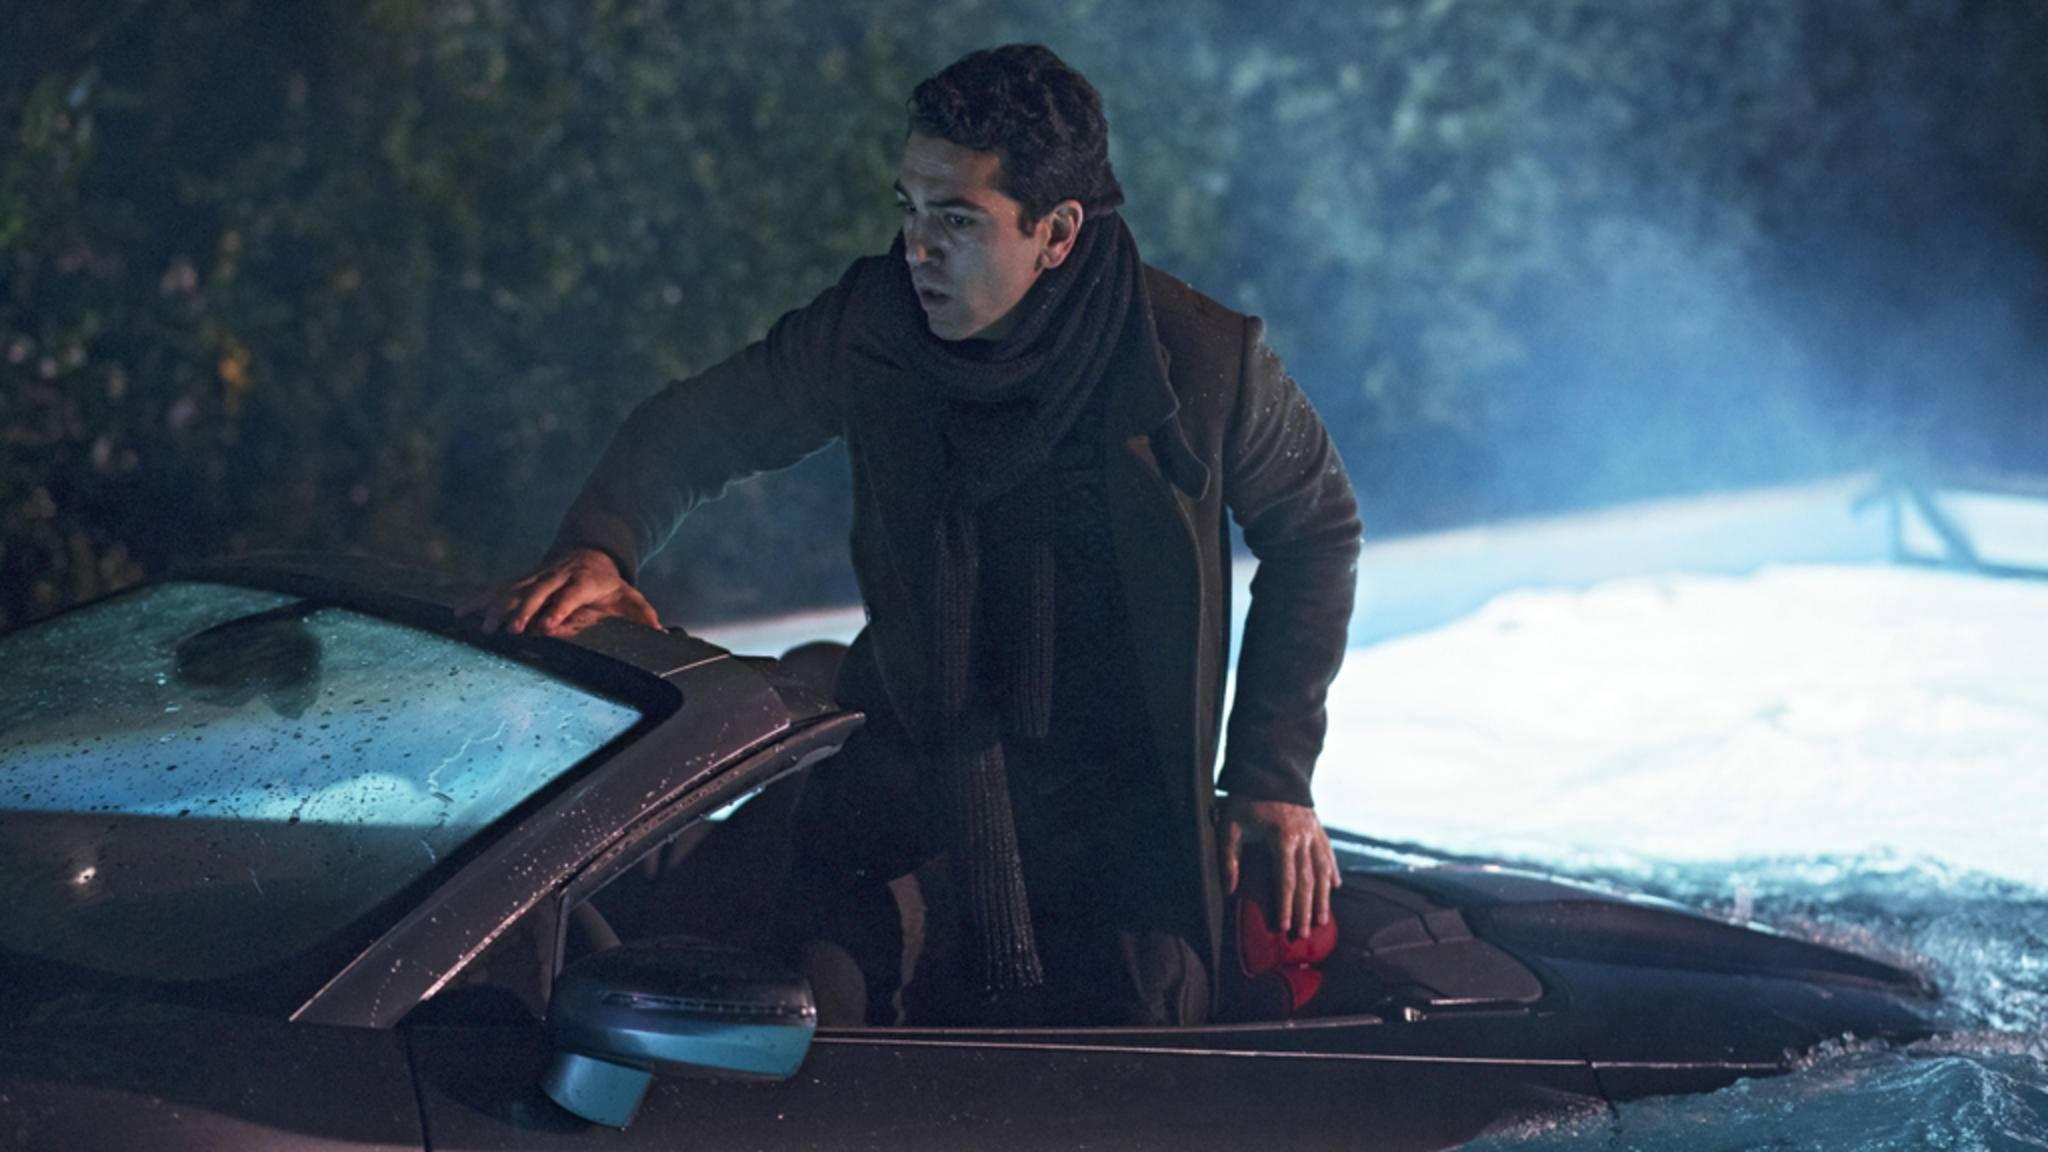 Schluss mit dem Partyleben: Von seinem Vater bekommt Lenny (Elyas M'Barek) eine nicht einfache Aufgabe aufgebrummt.